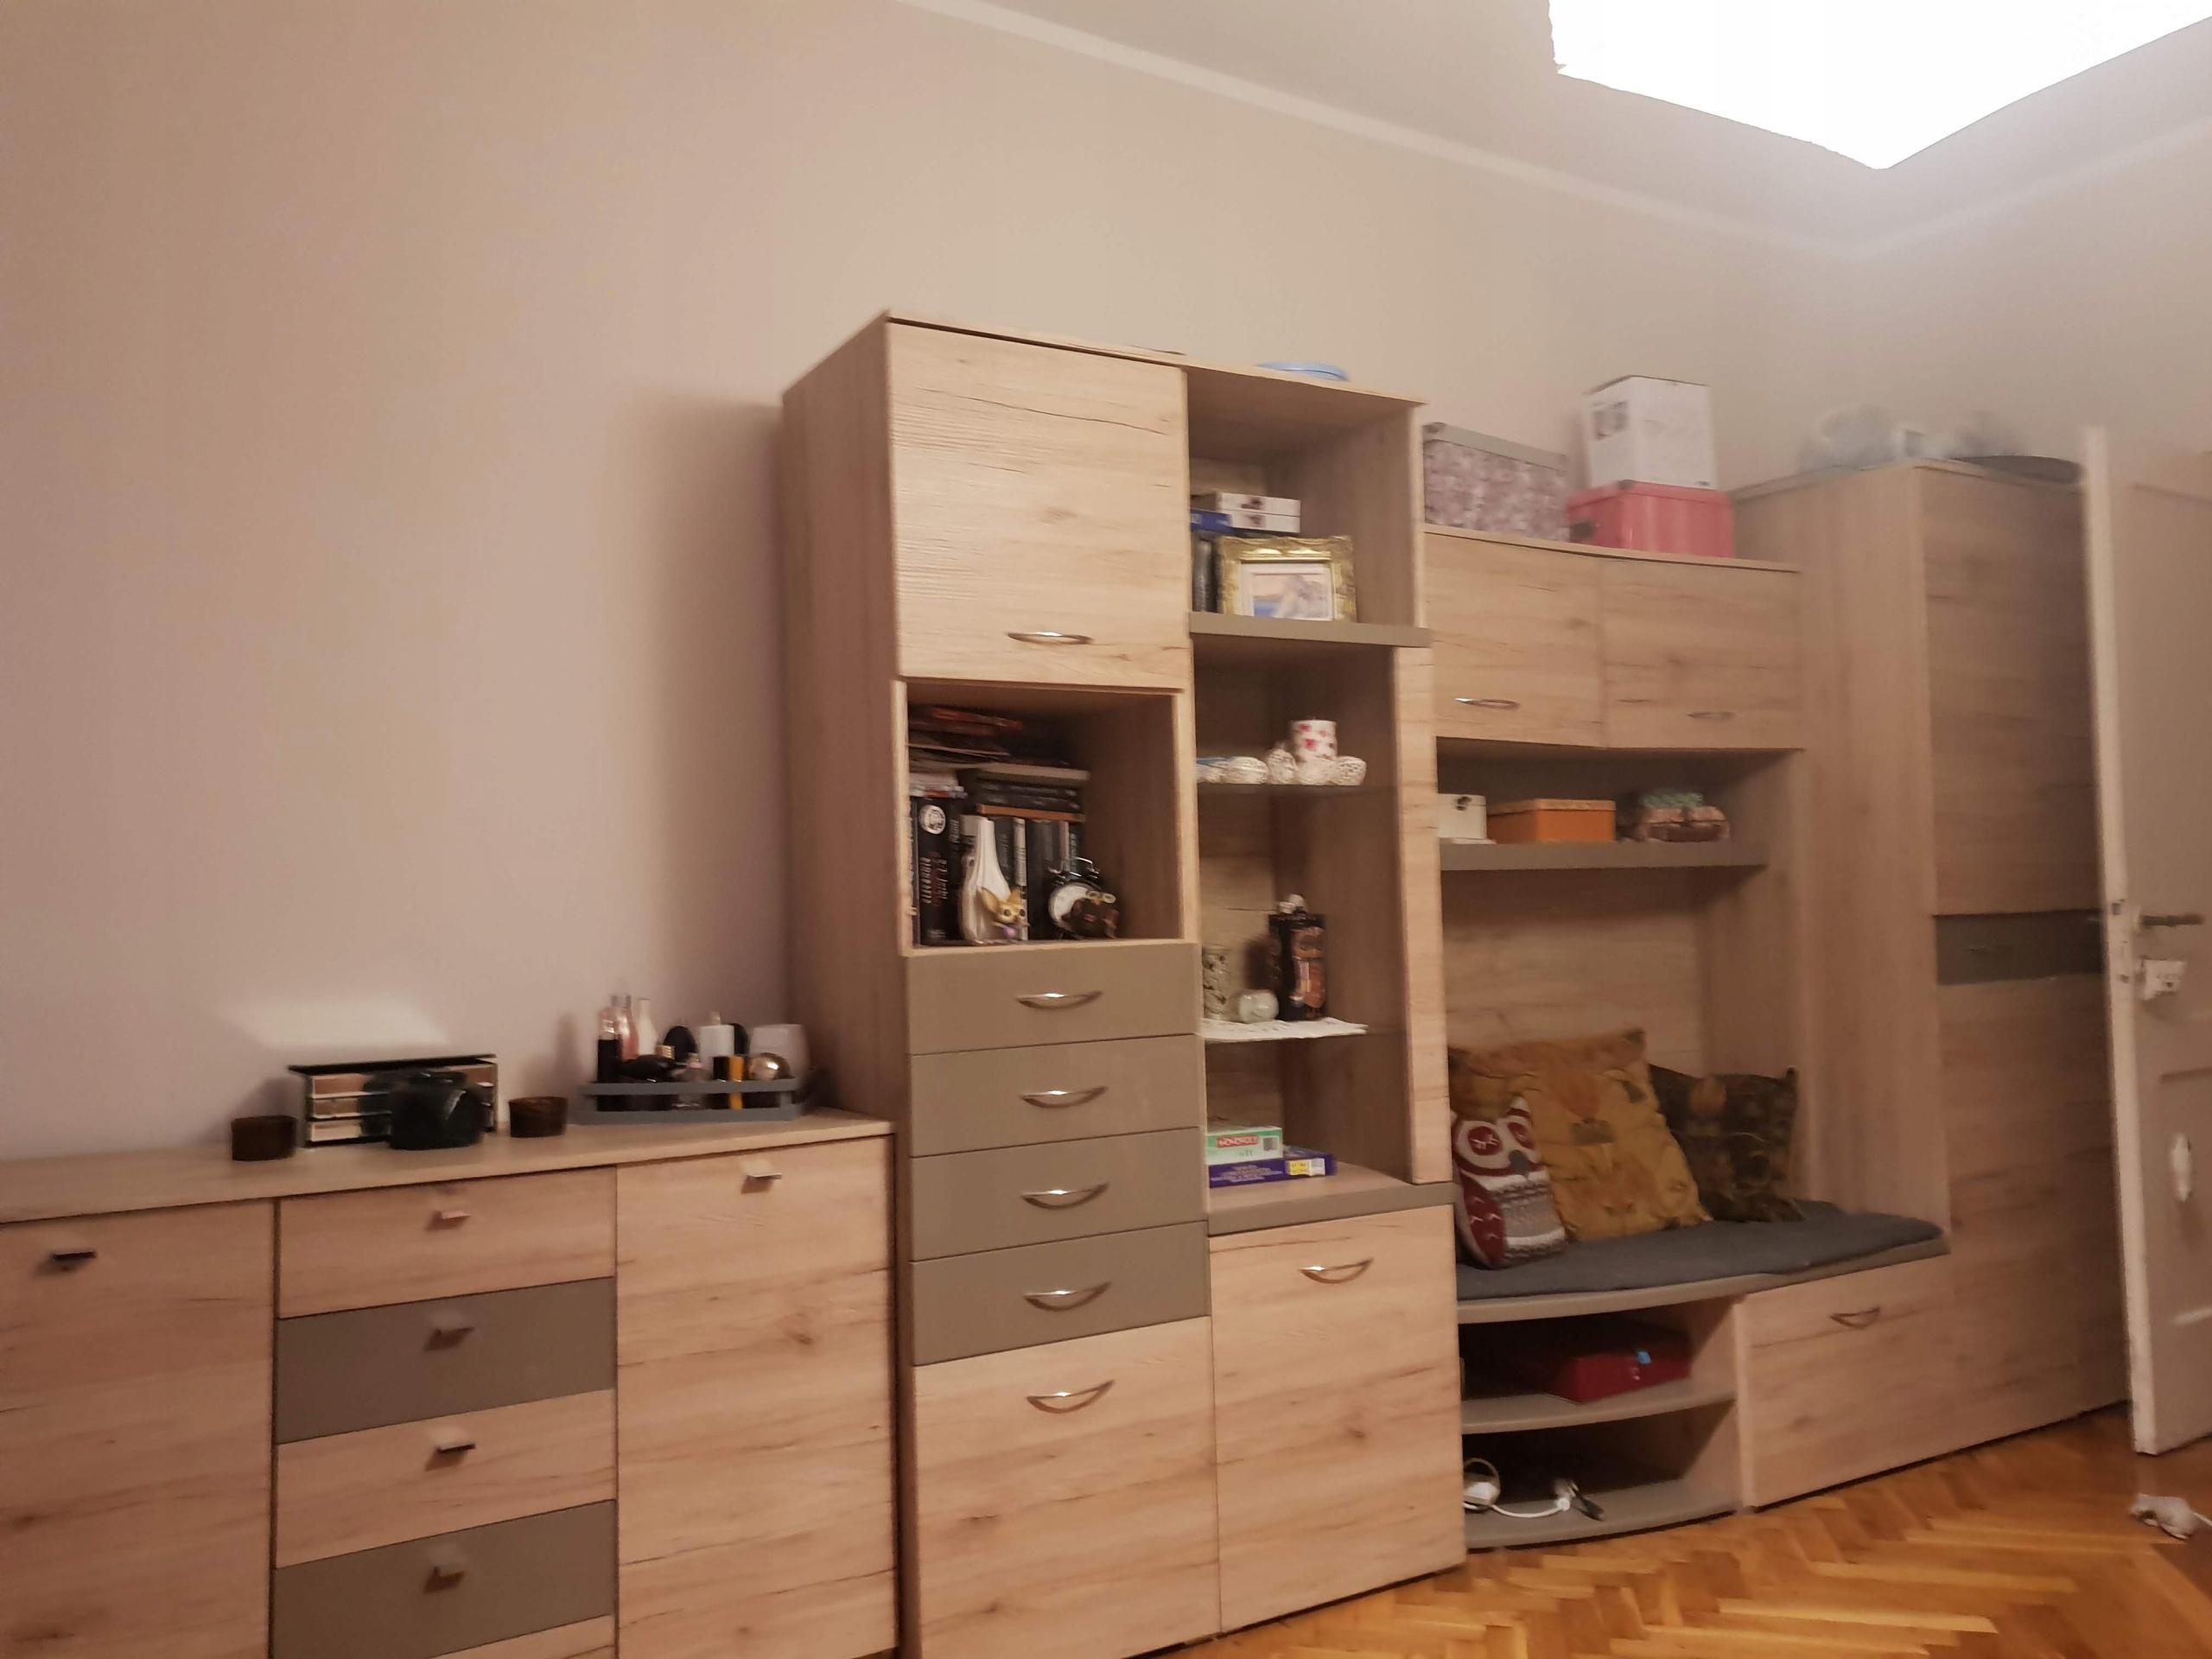 Poznań,Garbary Okazja Mieszkanie 59m2